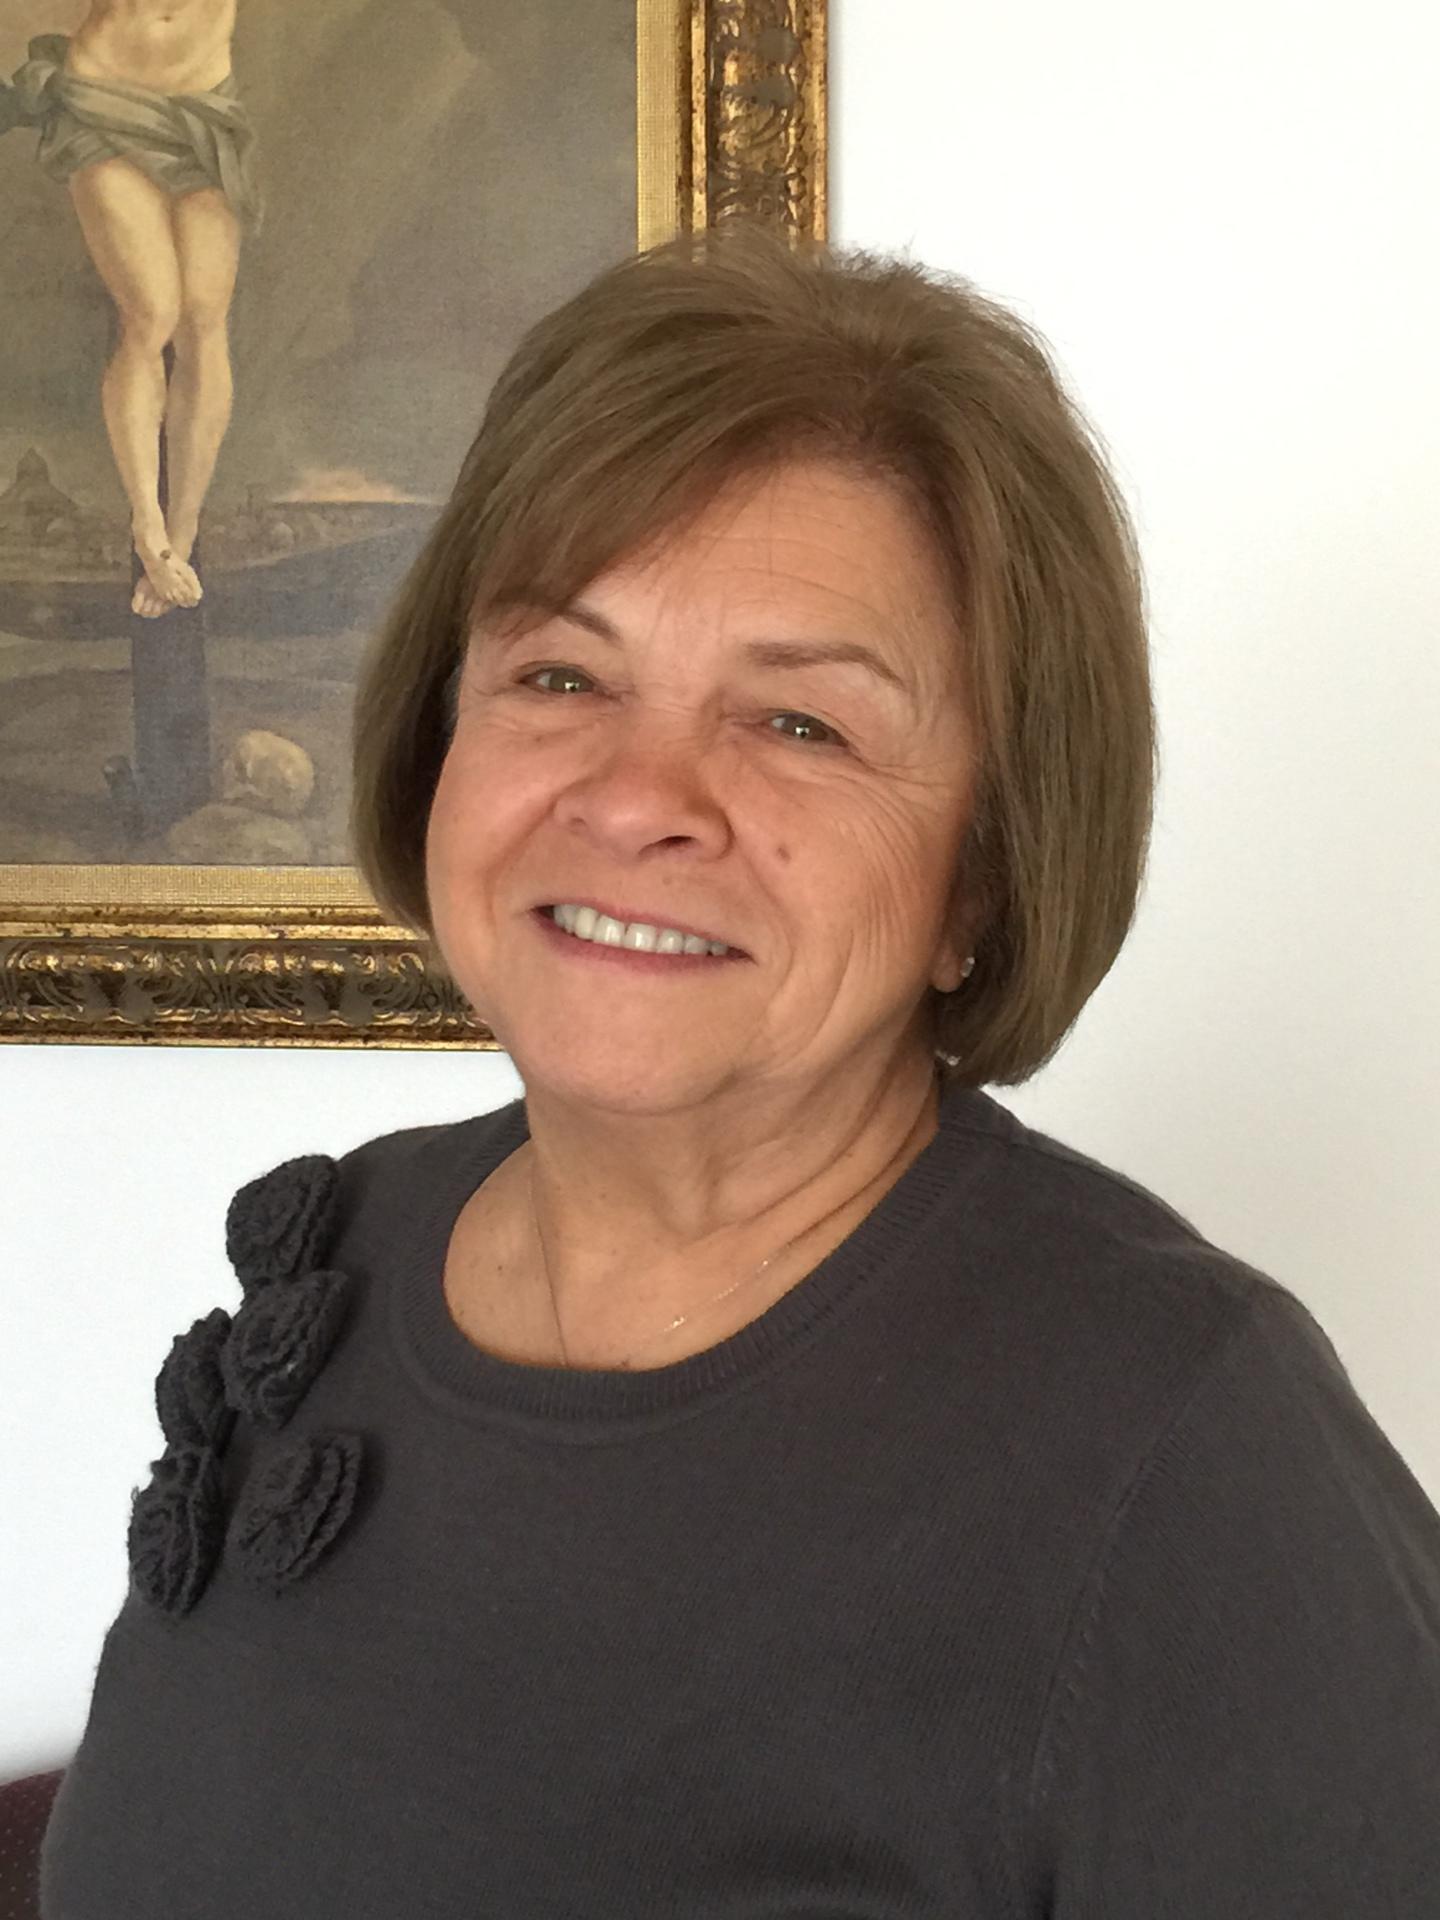 Diane LoIacono